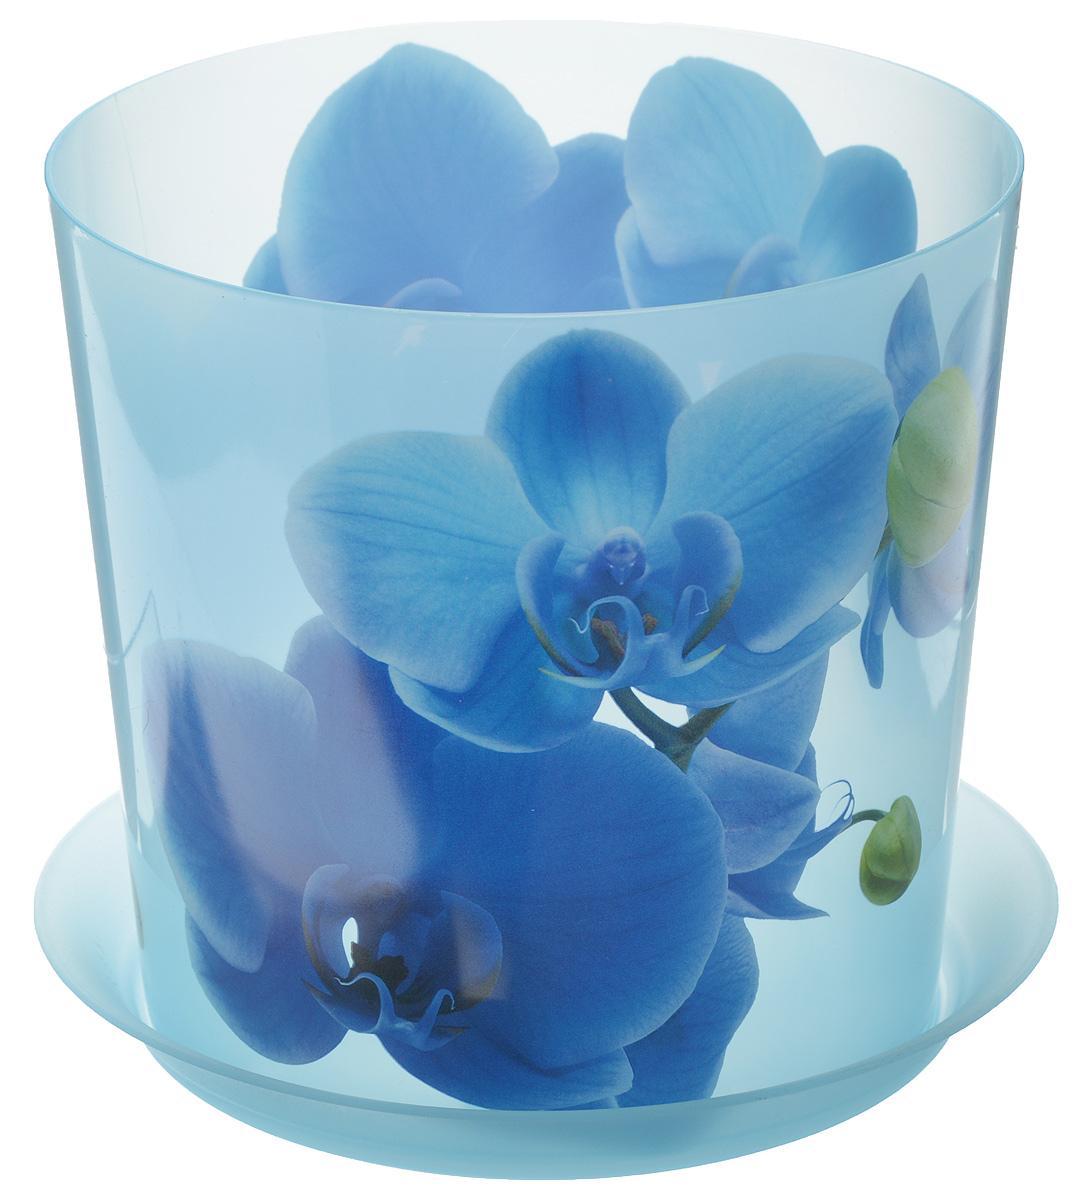 Кашпо Idea Деко, с подставкой, цвет: голубой, 2,4 лМ 3106Кашпо Idea Деко изготовлено из высококачественного полипропилена. Специальный поддон предназначен для стока воды. Изделие прекрасно подходит для выращивания растений и цветов в домашних условиях. Лаконичный дизайн впишется в интерьер любого помещения. Диаметр поддона: 17,5 см. Диаметр кашпо по верхнему краю: 16 см. Высота кашпо: 15 см. Объем кашпо: 2,4 л.